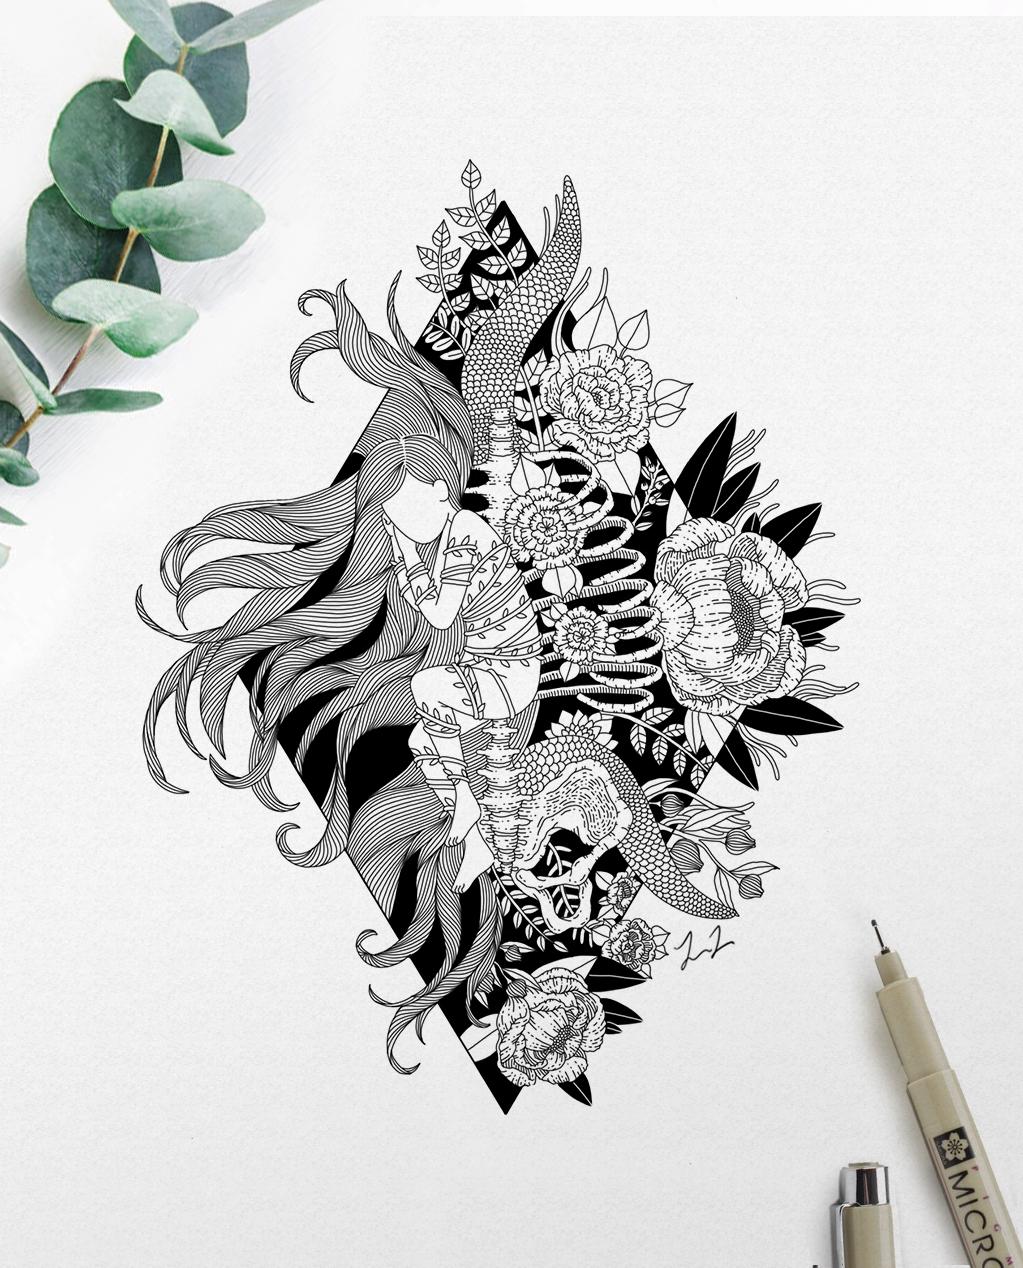 tattoome.jpg